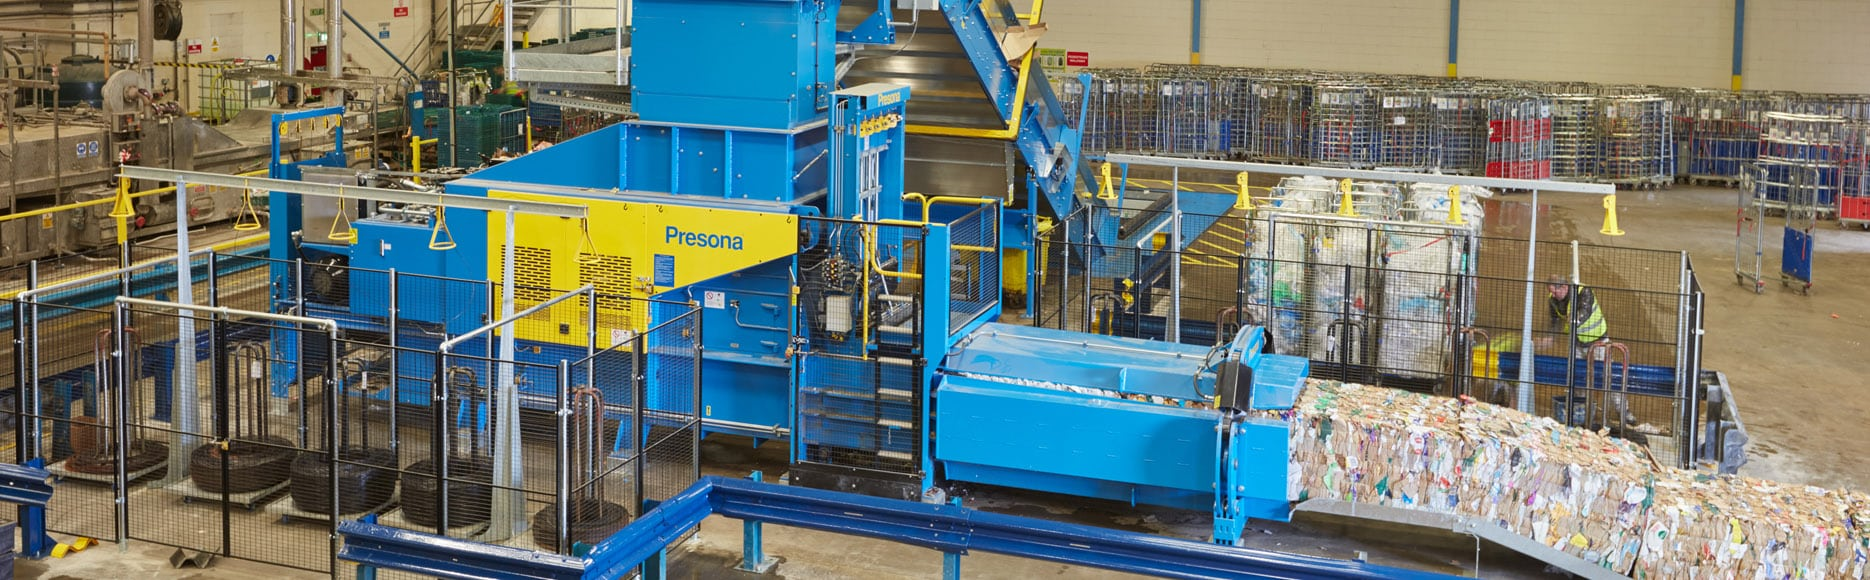 <p>Автоматический горизонтальный пресс для макулатуры и вторсырья от европейского производителя Presona в Украине. Усилие прессования от 50 до 140 тонн. Вес тюка 1000 кг. Производительность от 10 до 30 тонн в час.</p>